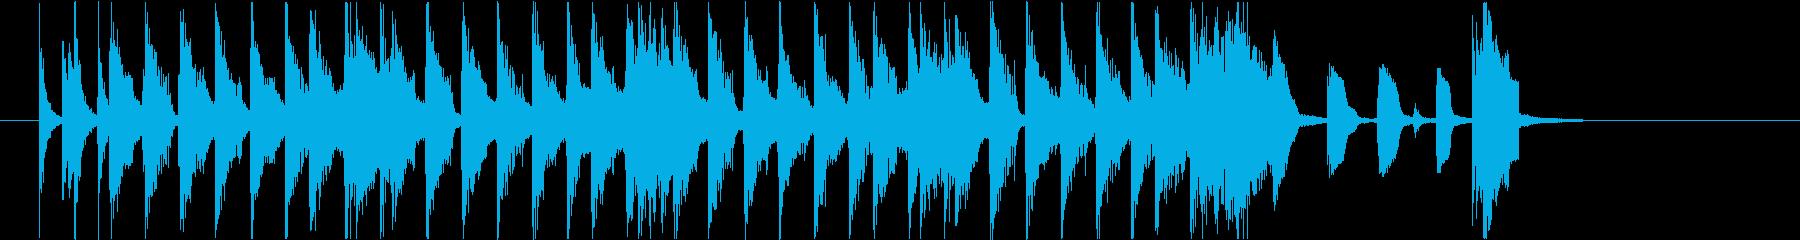 ソウルフルでハッピーな雰囲気のジングル♪の再生済みの波形